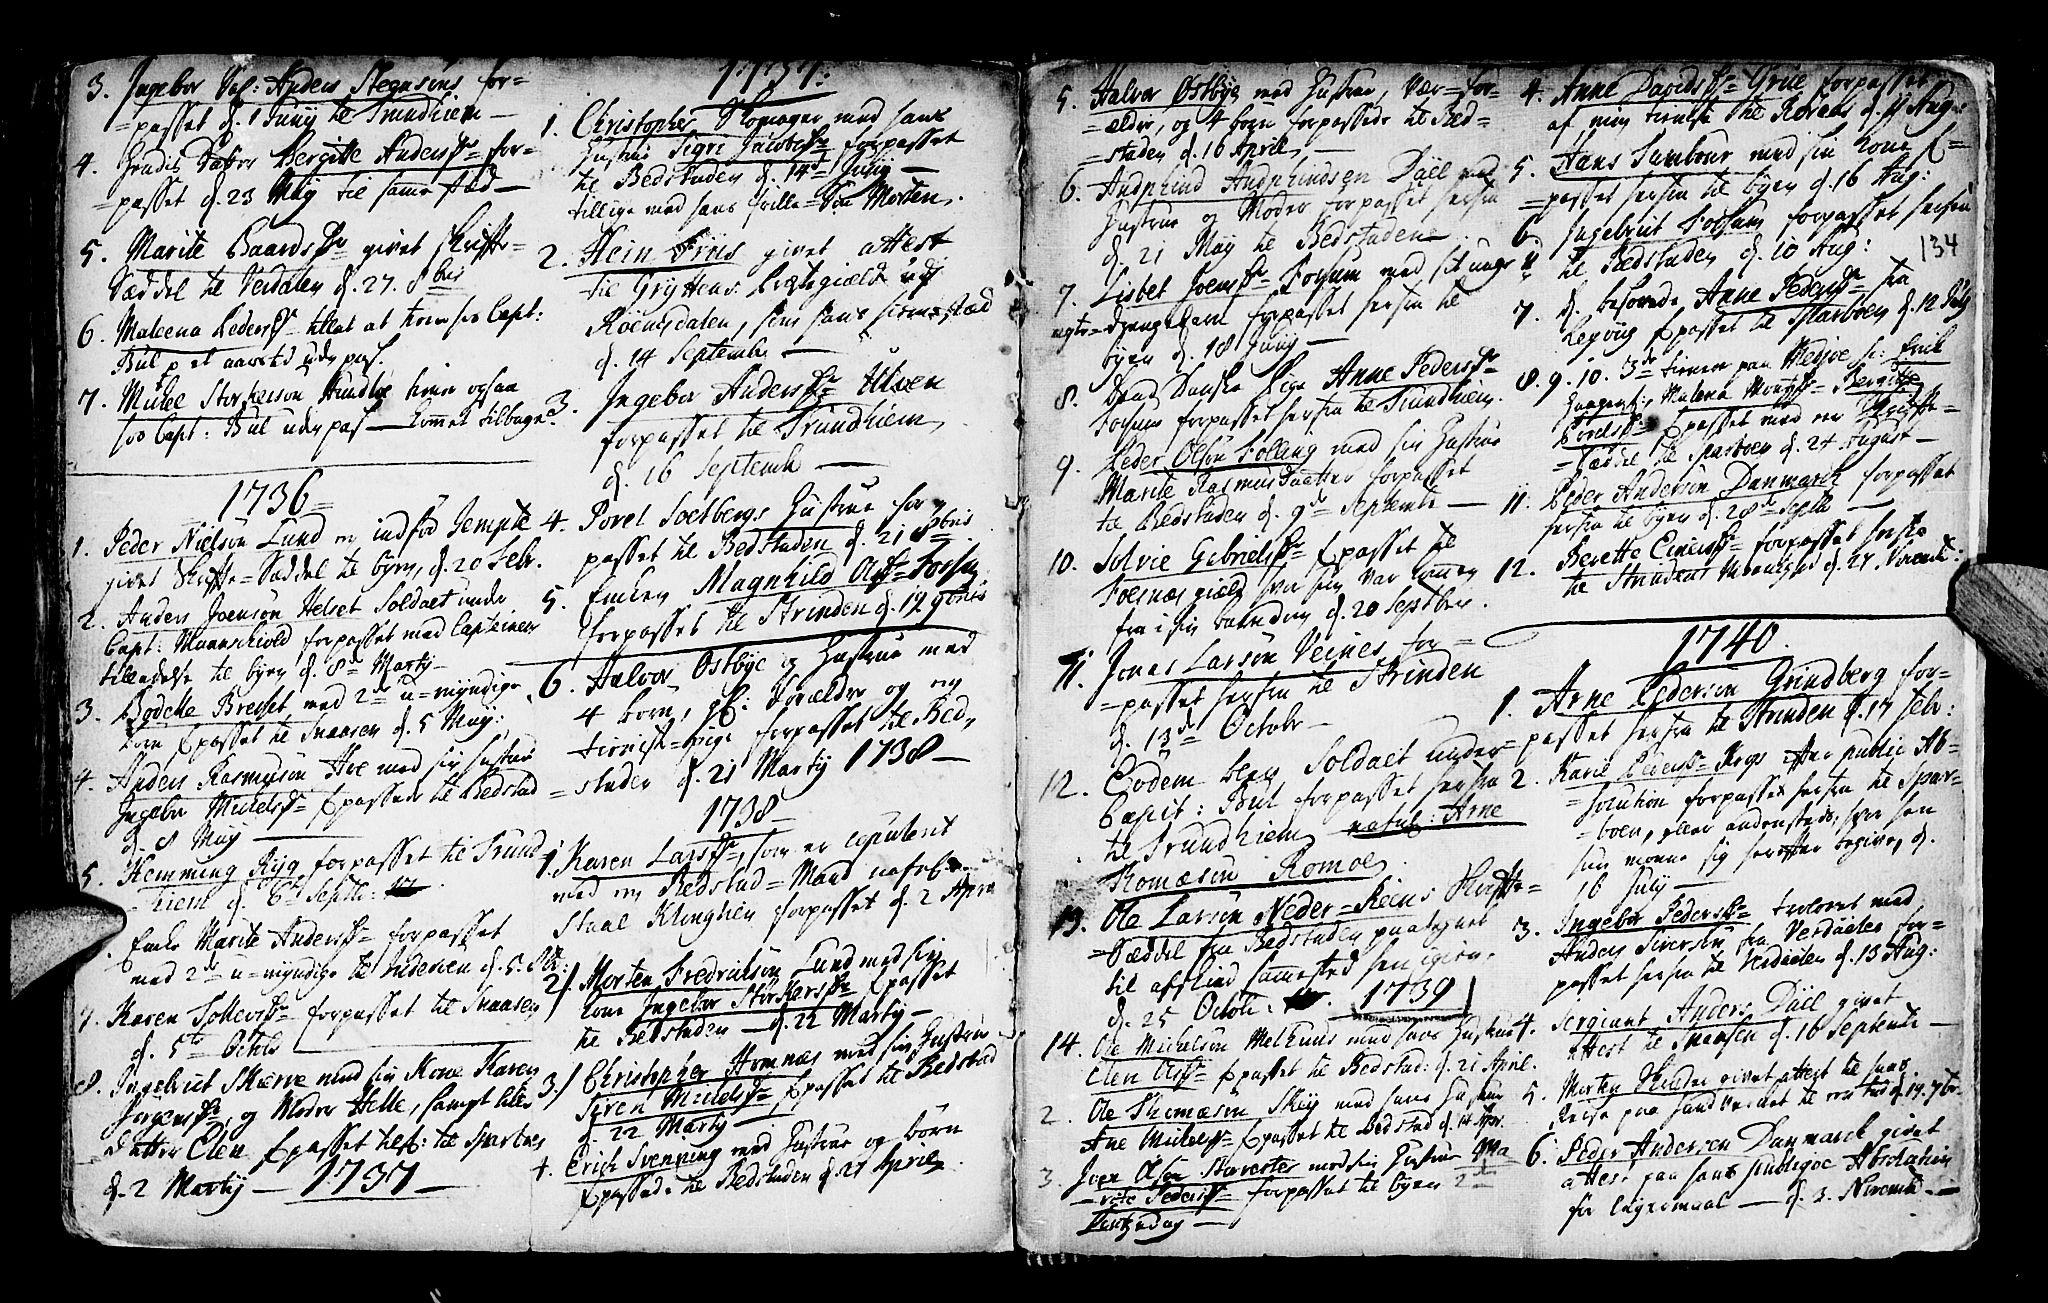 SAT, Ministerialprotokoller, klokkerbøker og fødselsregistre - Nord-Trøndelag, 746/L0439: Ministerialbok nr. 746A01, 1688-1759, s. 134